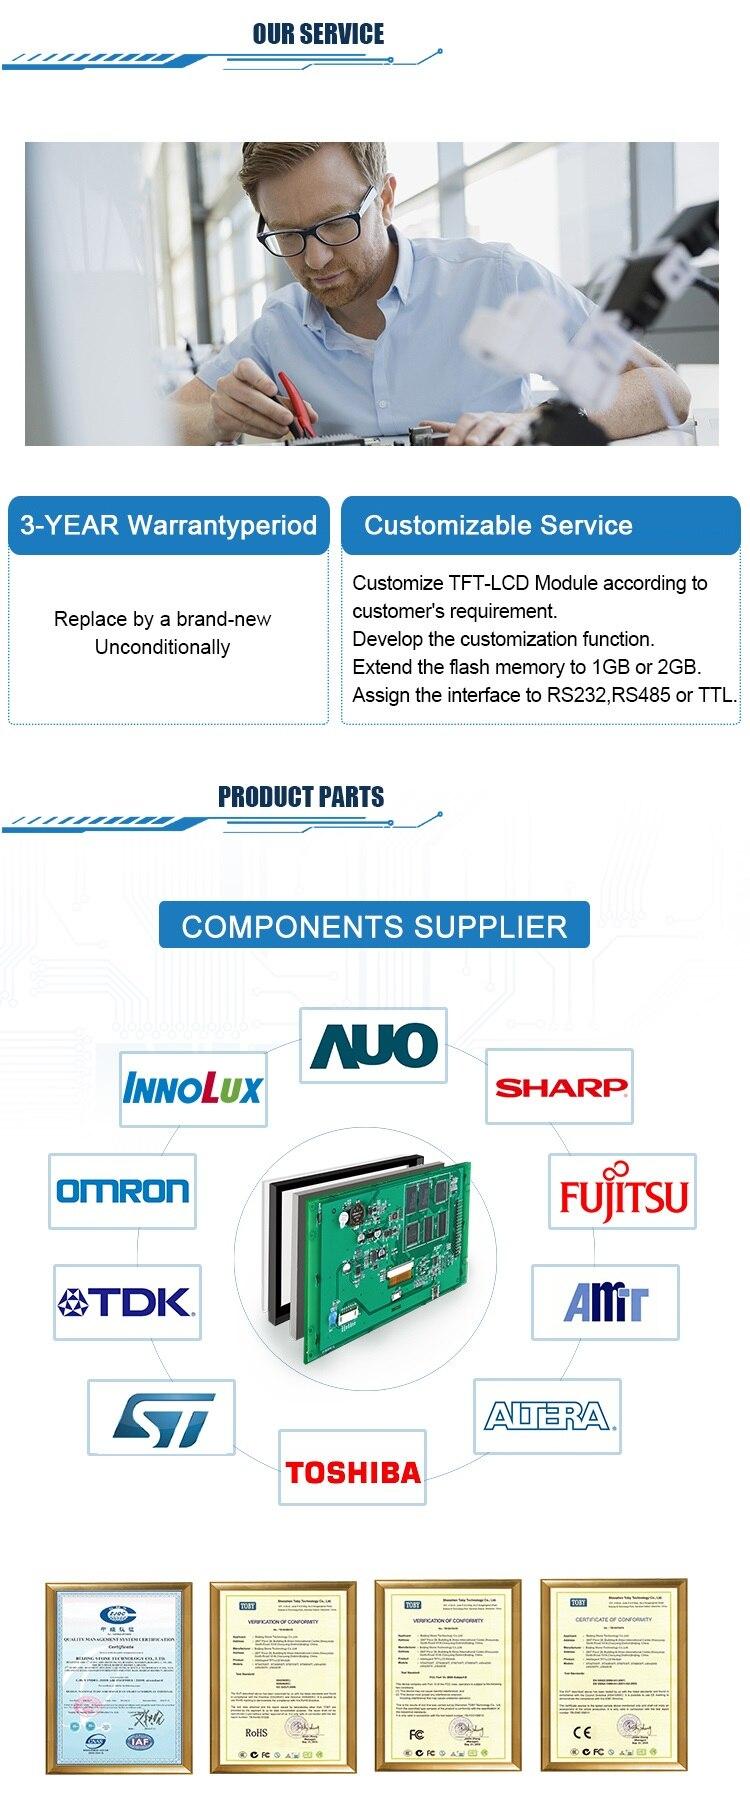 """Камень 10,4 """"HMI панель управления для автоматического, инженерного оборудования через коды инструмента"""